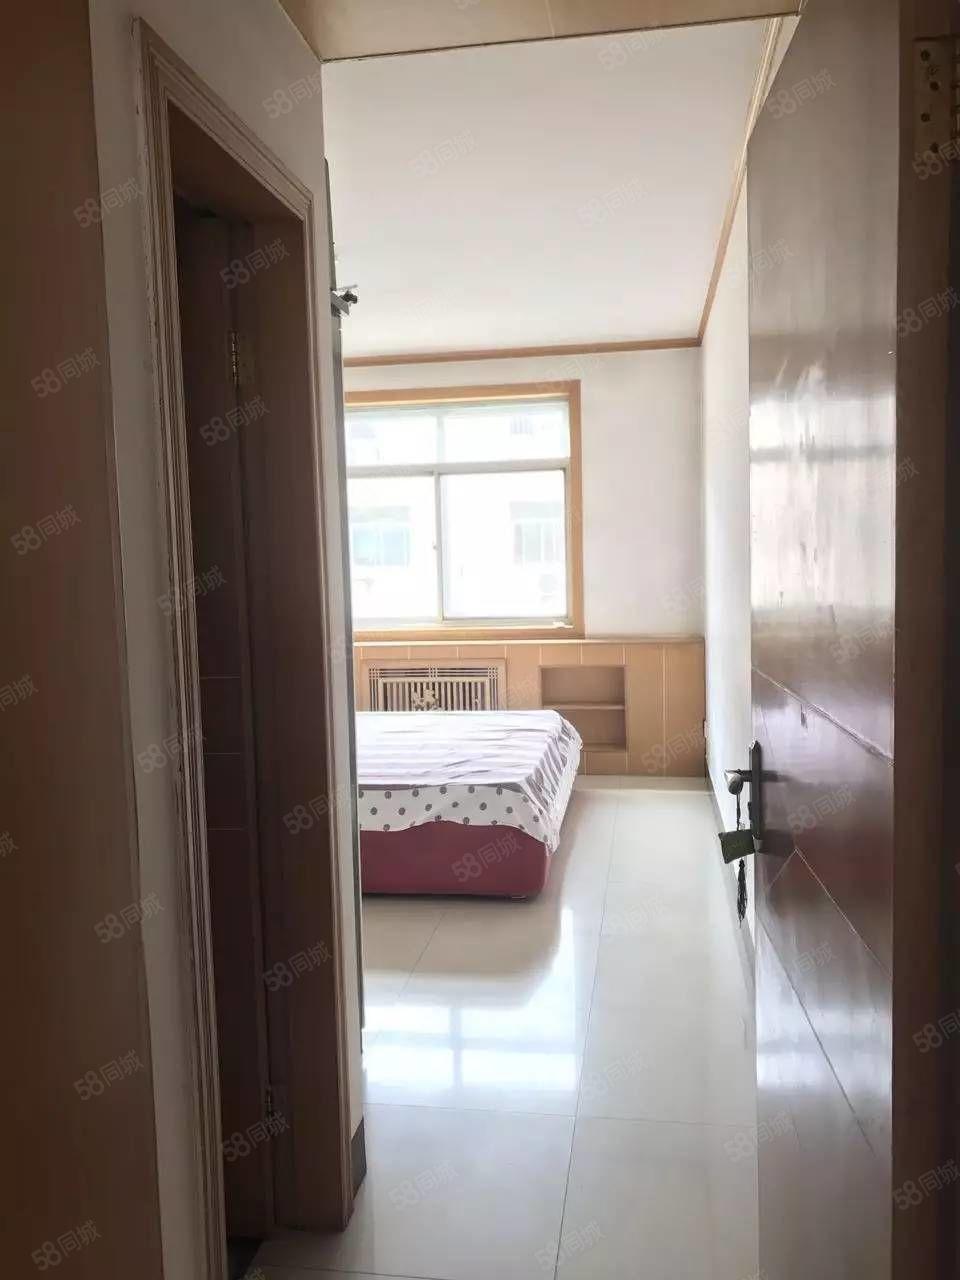 彩虹学校附近[宝泉小区]5楼小三室诚心出售